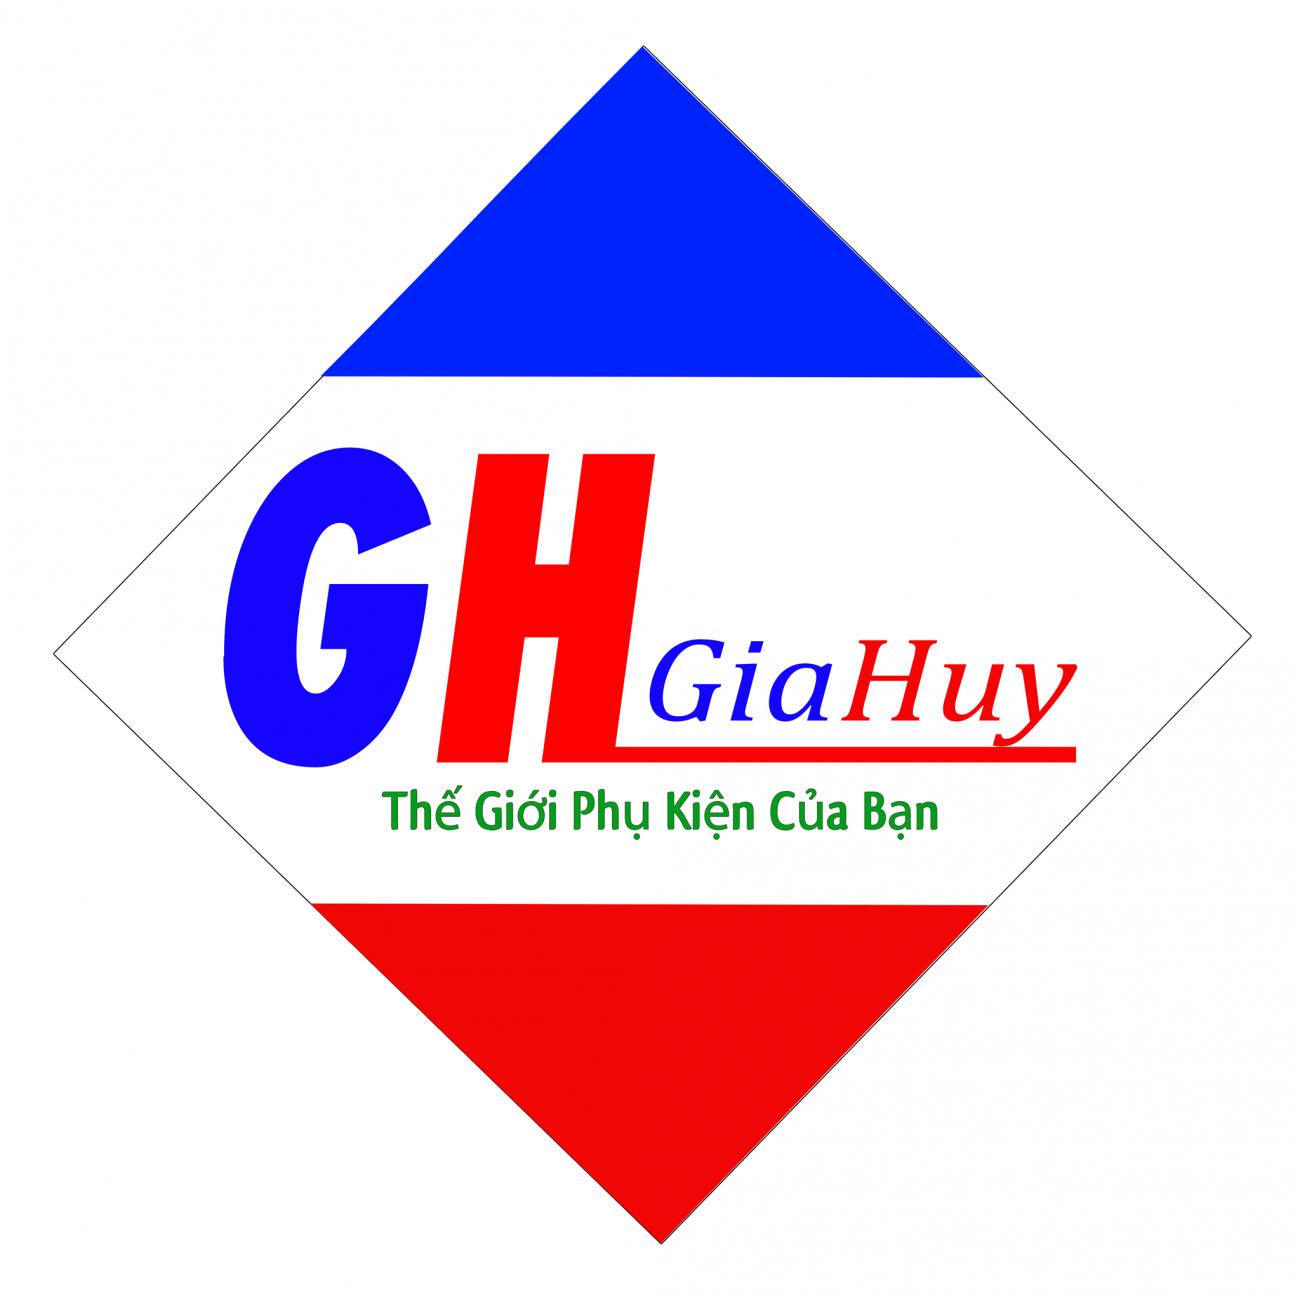 Cửa hàng phụ kiện điện thoại Gia Huy i'Store